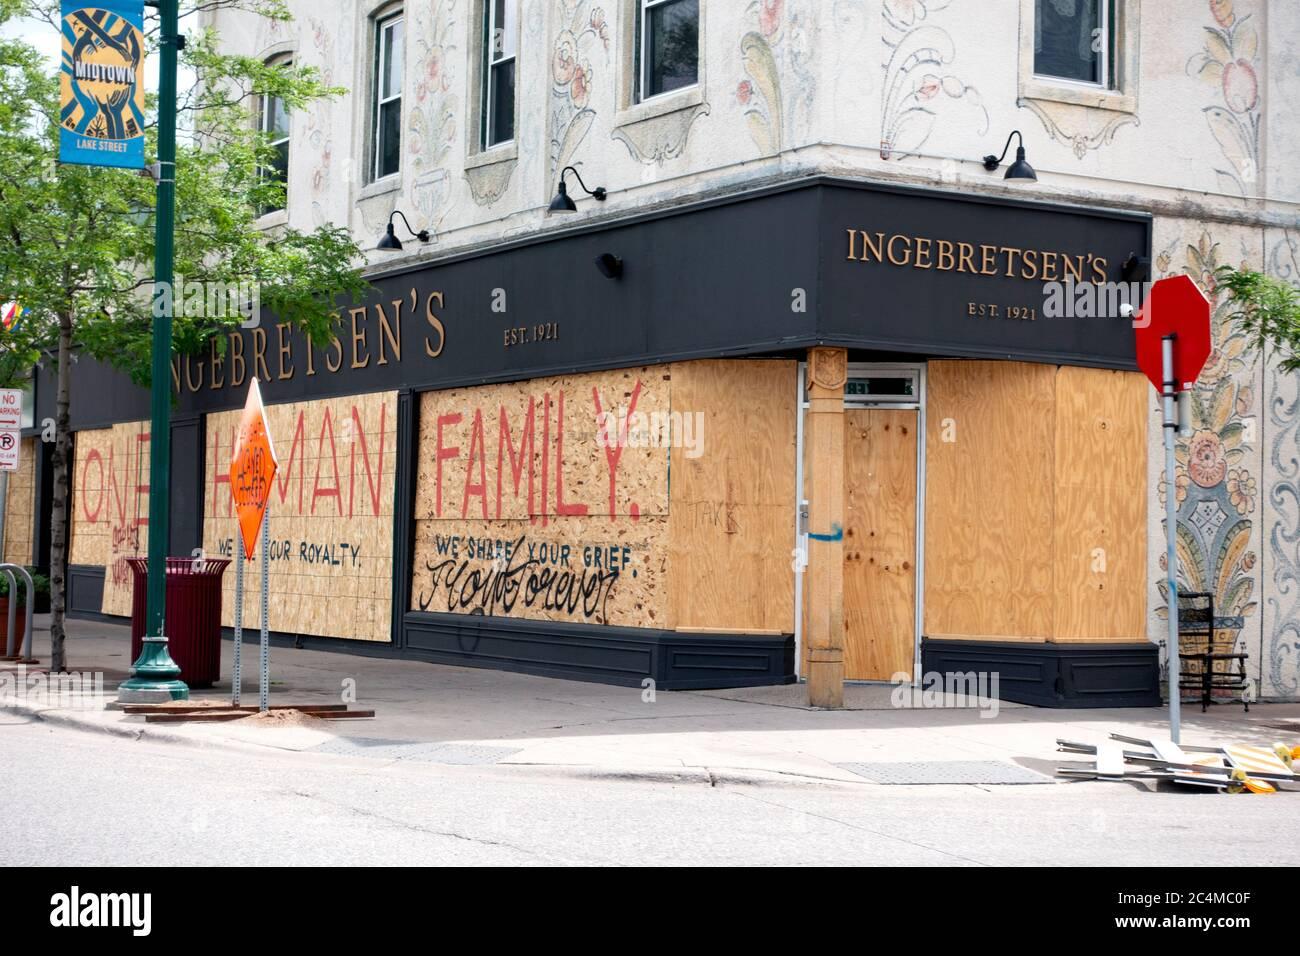 La tienda de Ingebretsen en Lake Street subió diciendo 'una Familia humana' Minneapolis Minnesota MN USA Foto de stock